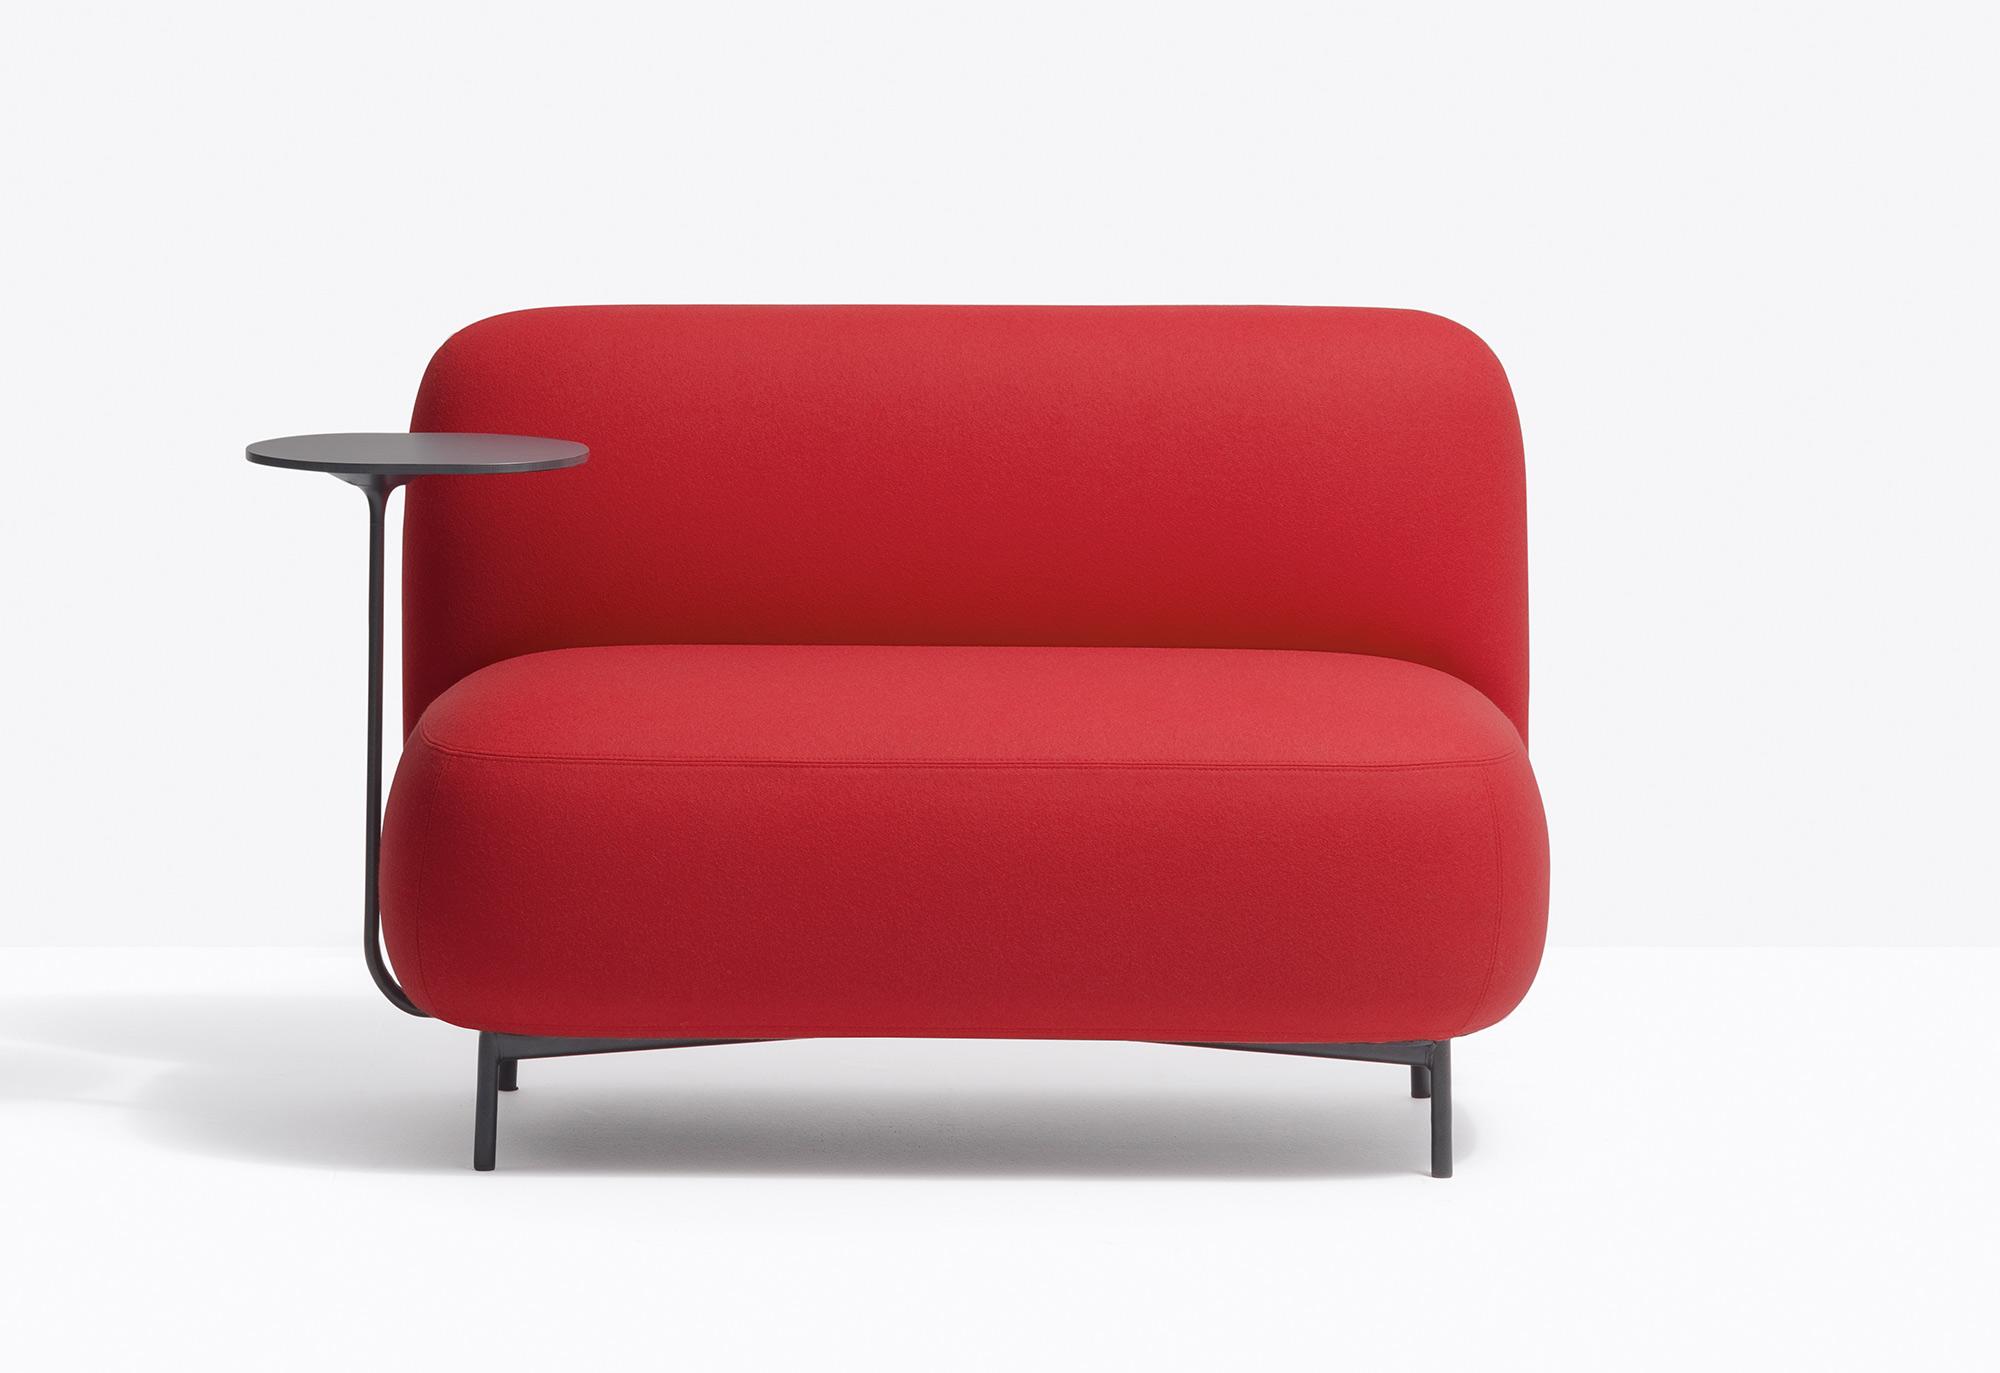 Buddy Medium Sofa